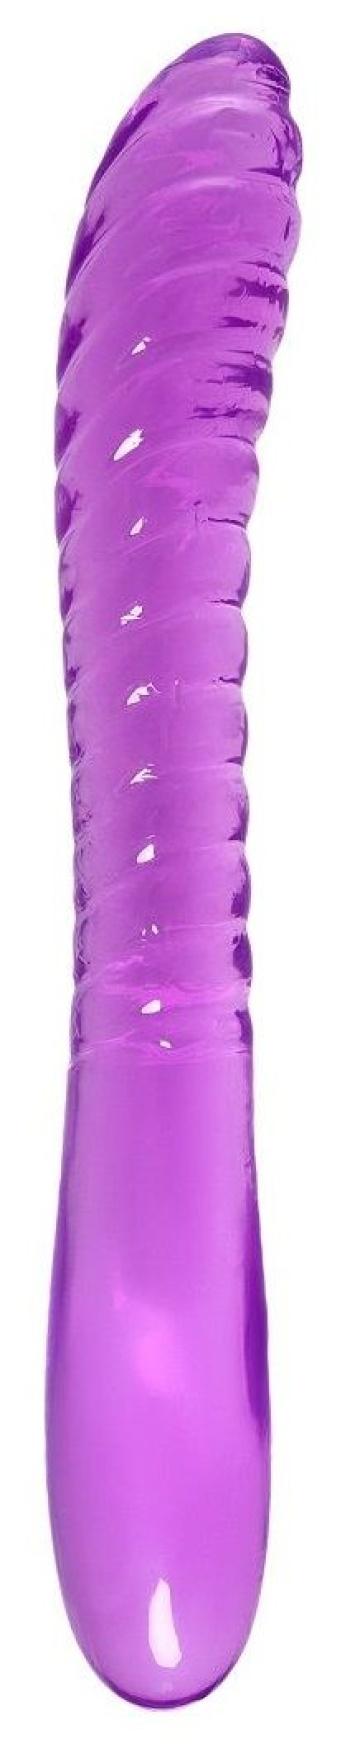 Фиолетовый двусторонний фаллоимитатор Frica - 23 см.